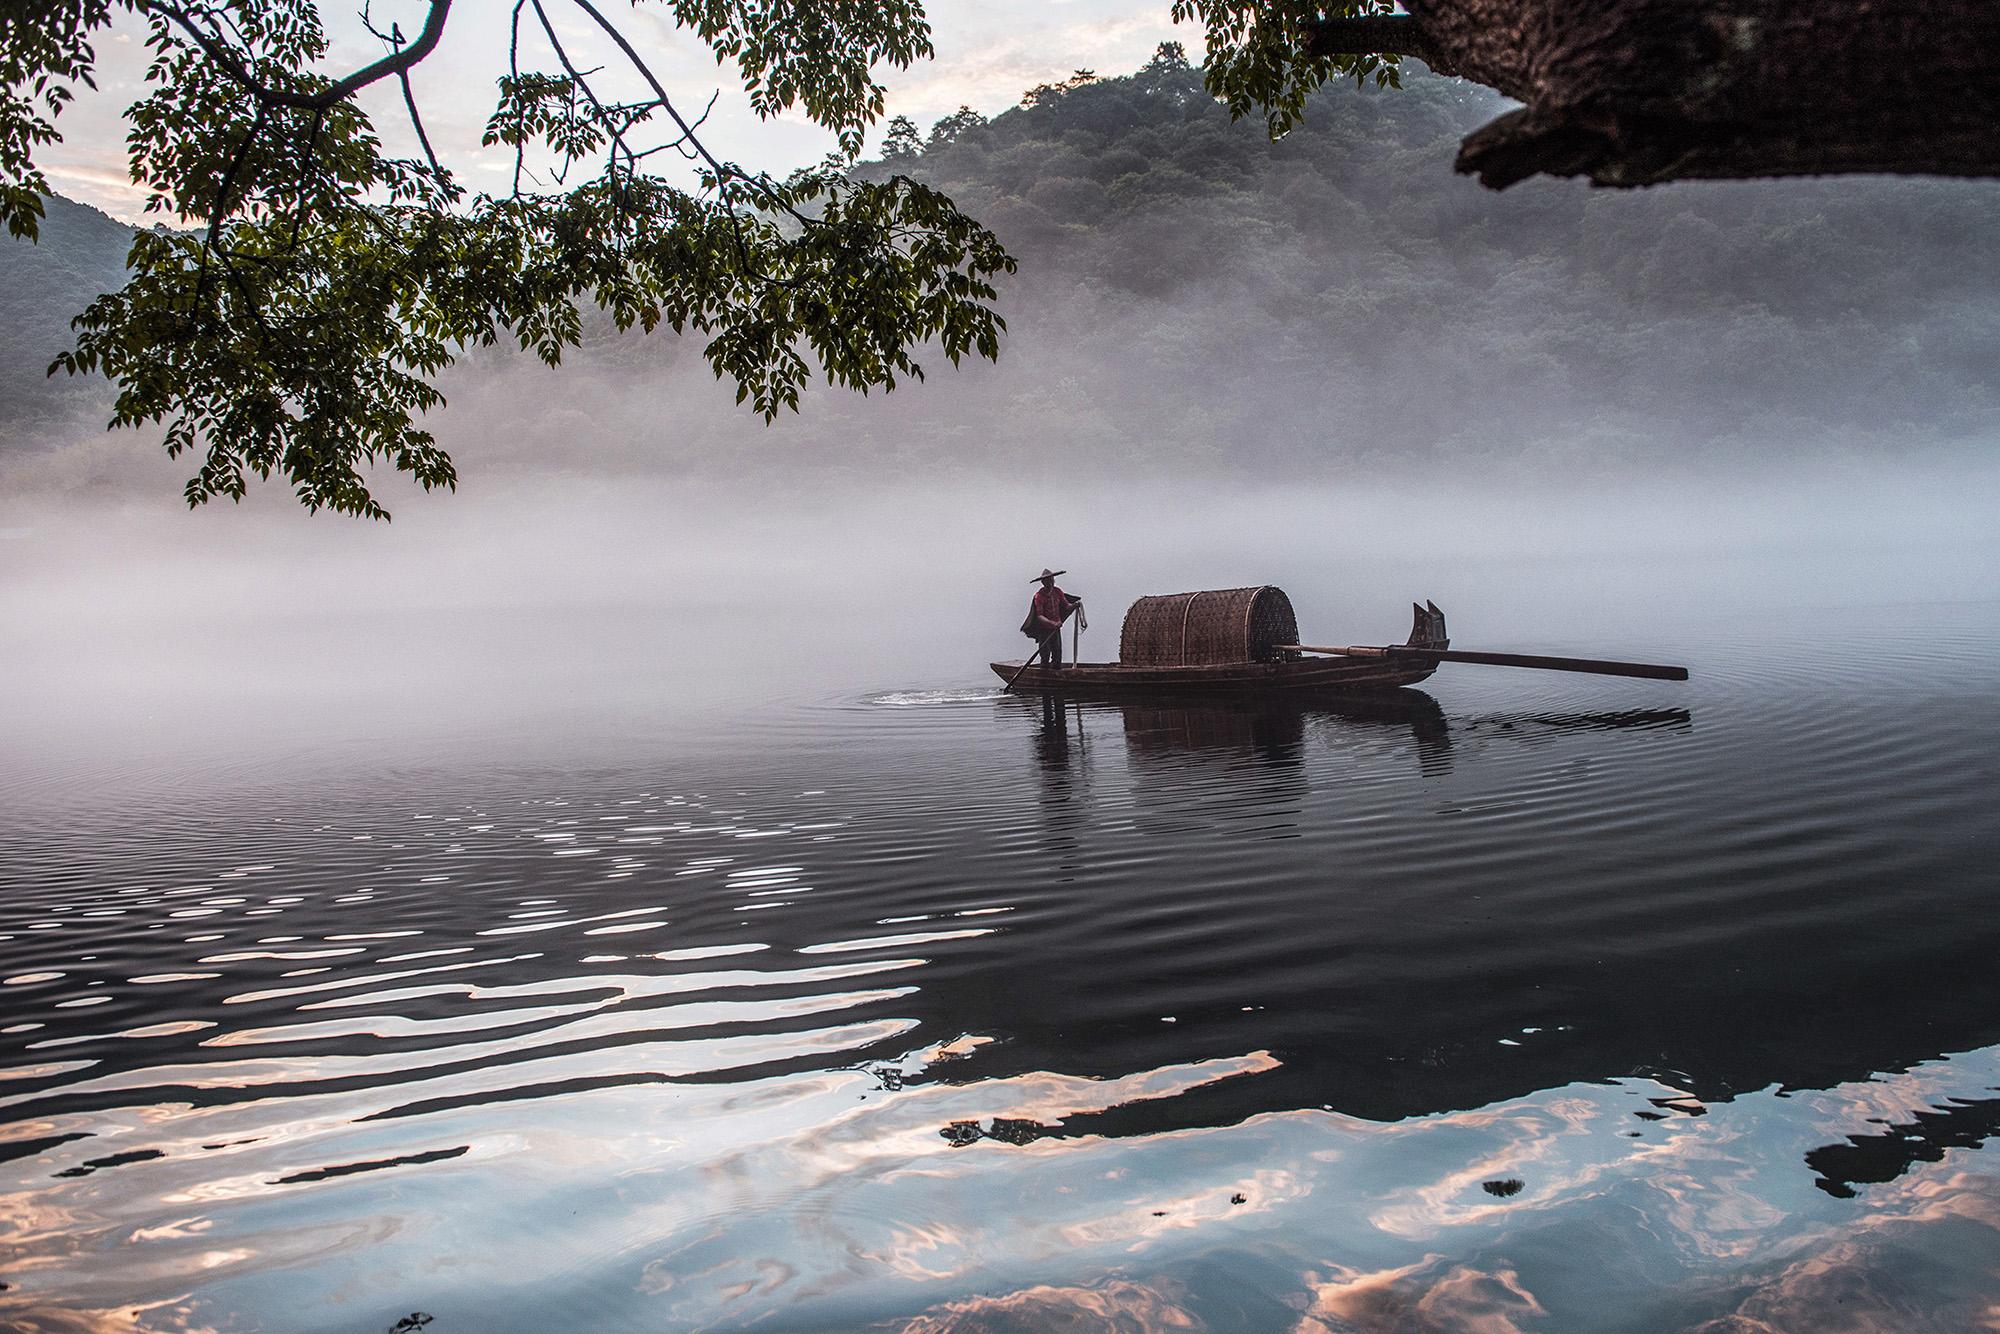 林泉一叟作品:渔舟唱晓